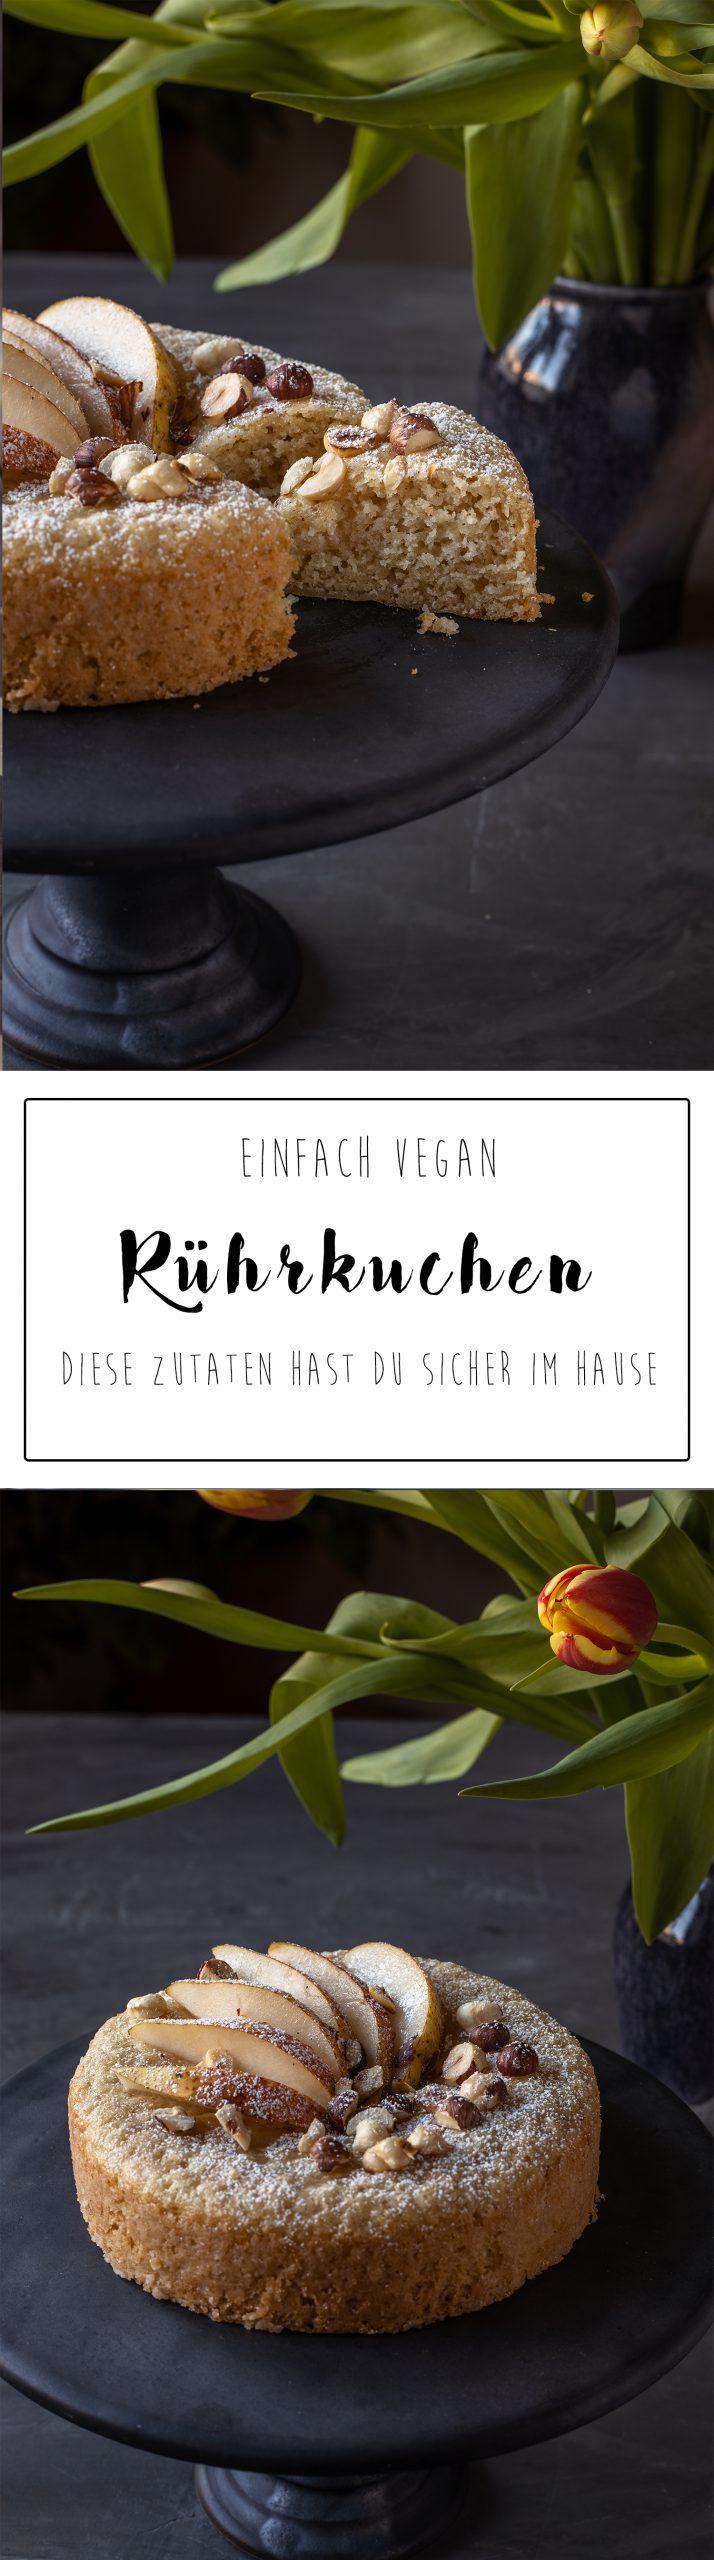 Rührkuchen vegan Pinterest